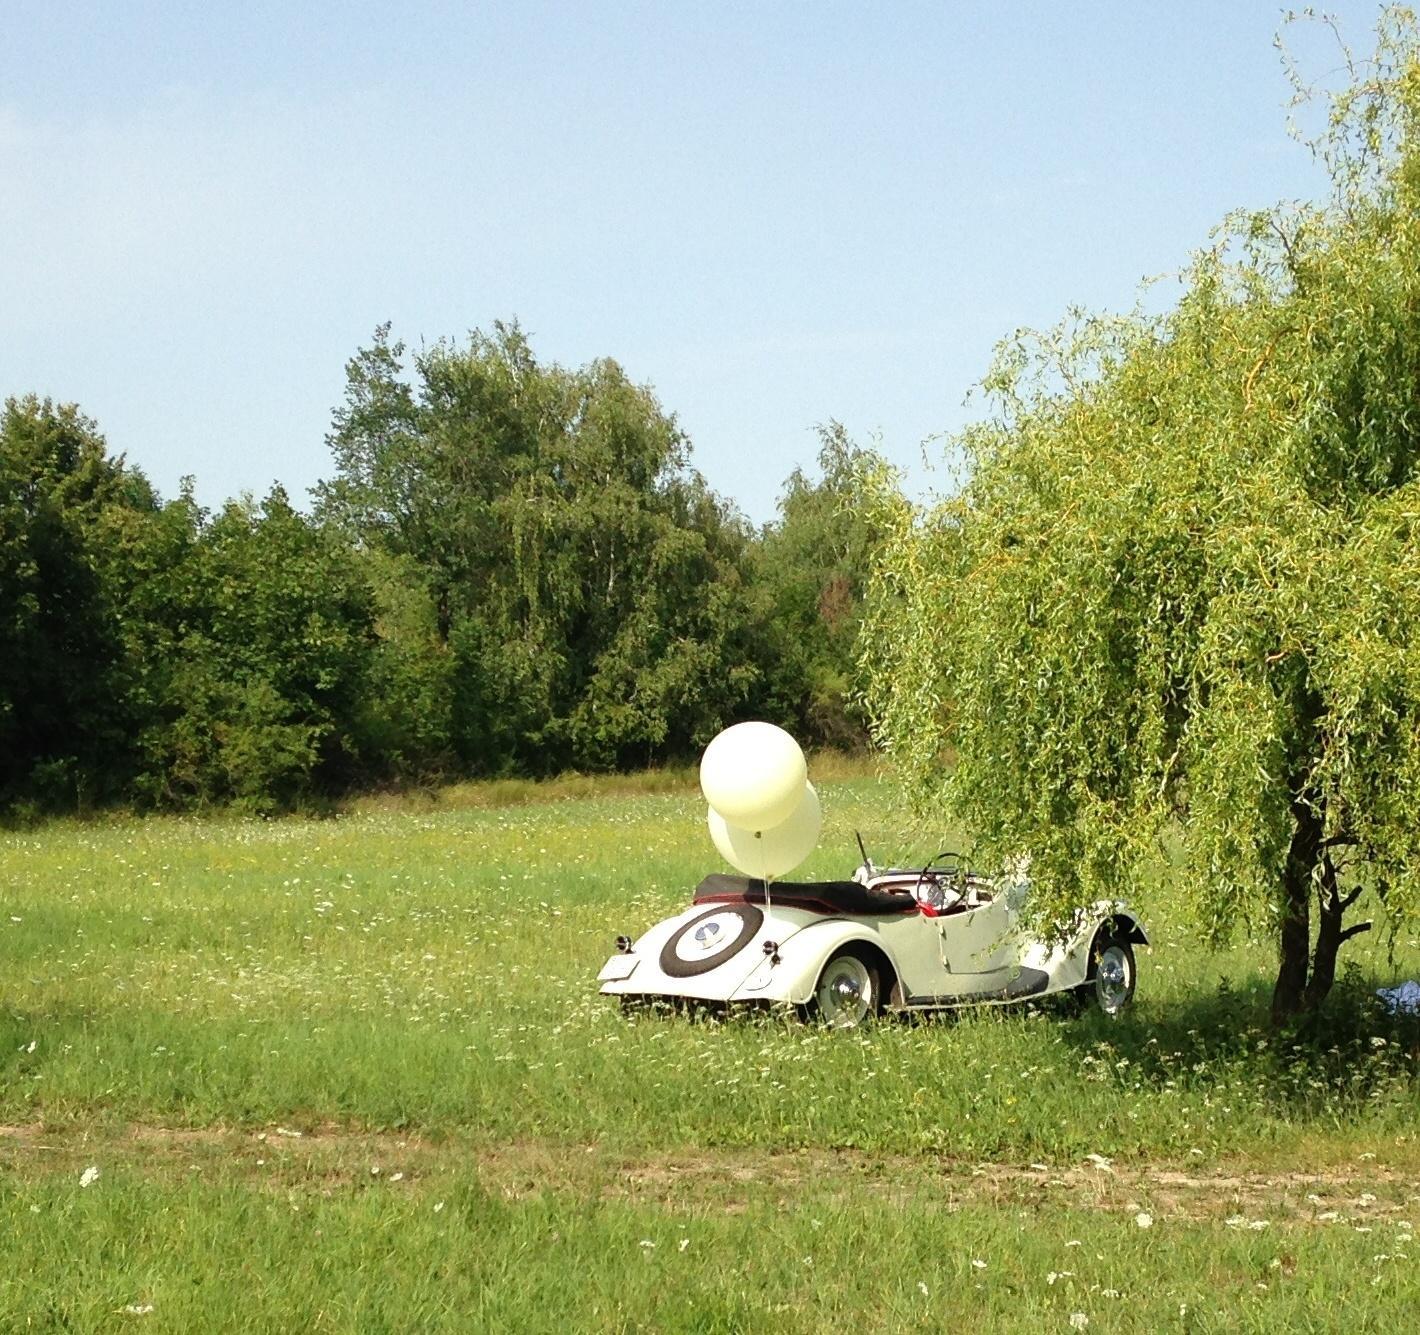 Svatební veteráni - Tatra 57 a Sport - Obrázek č. 241